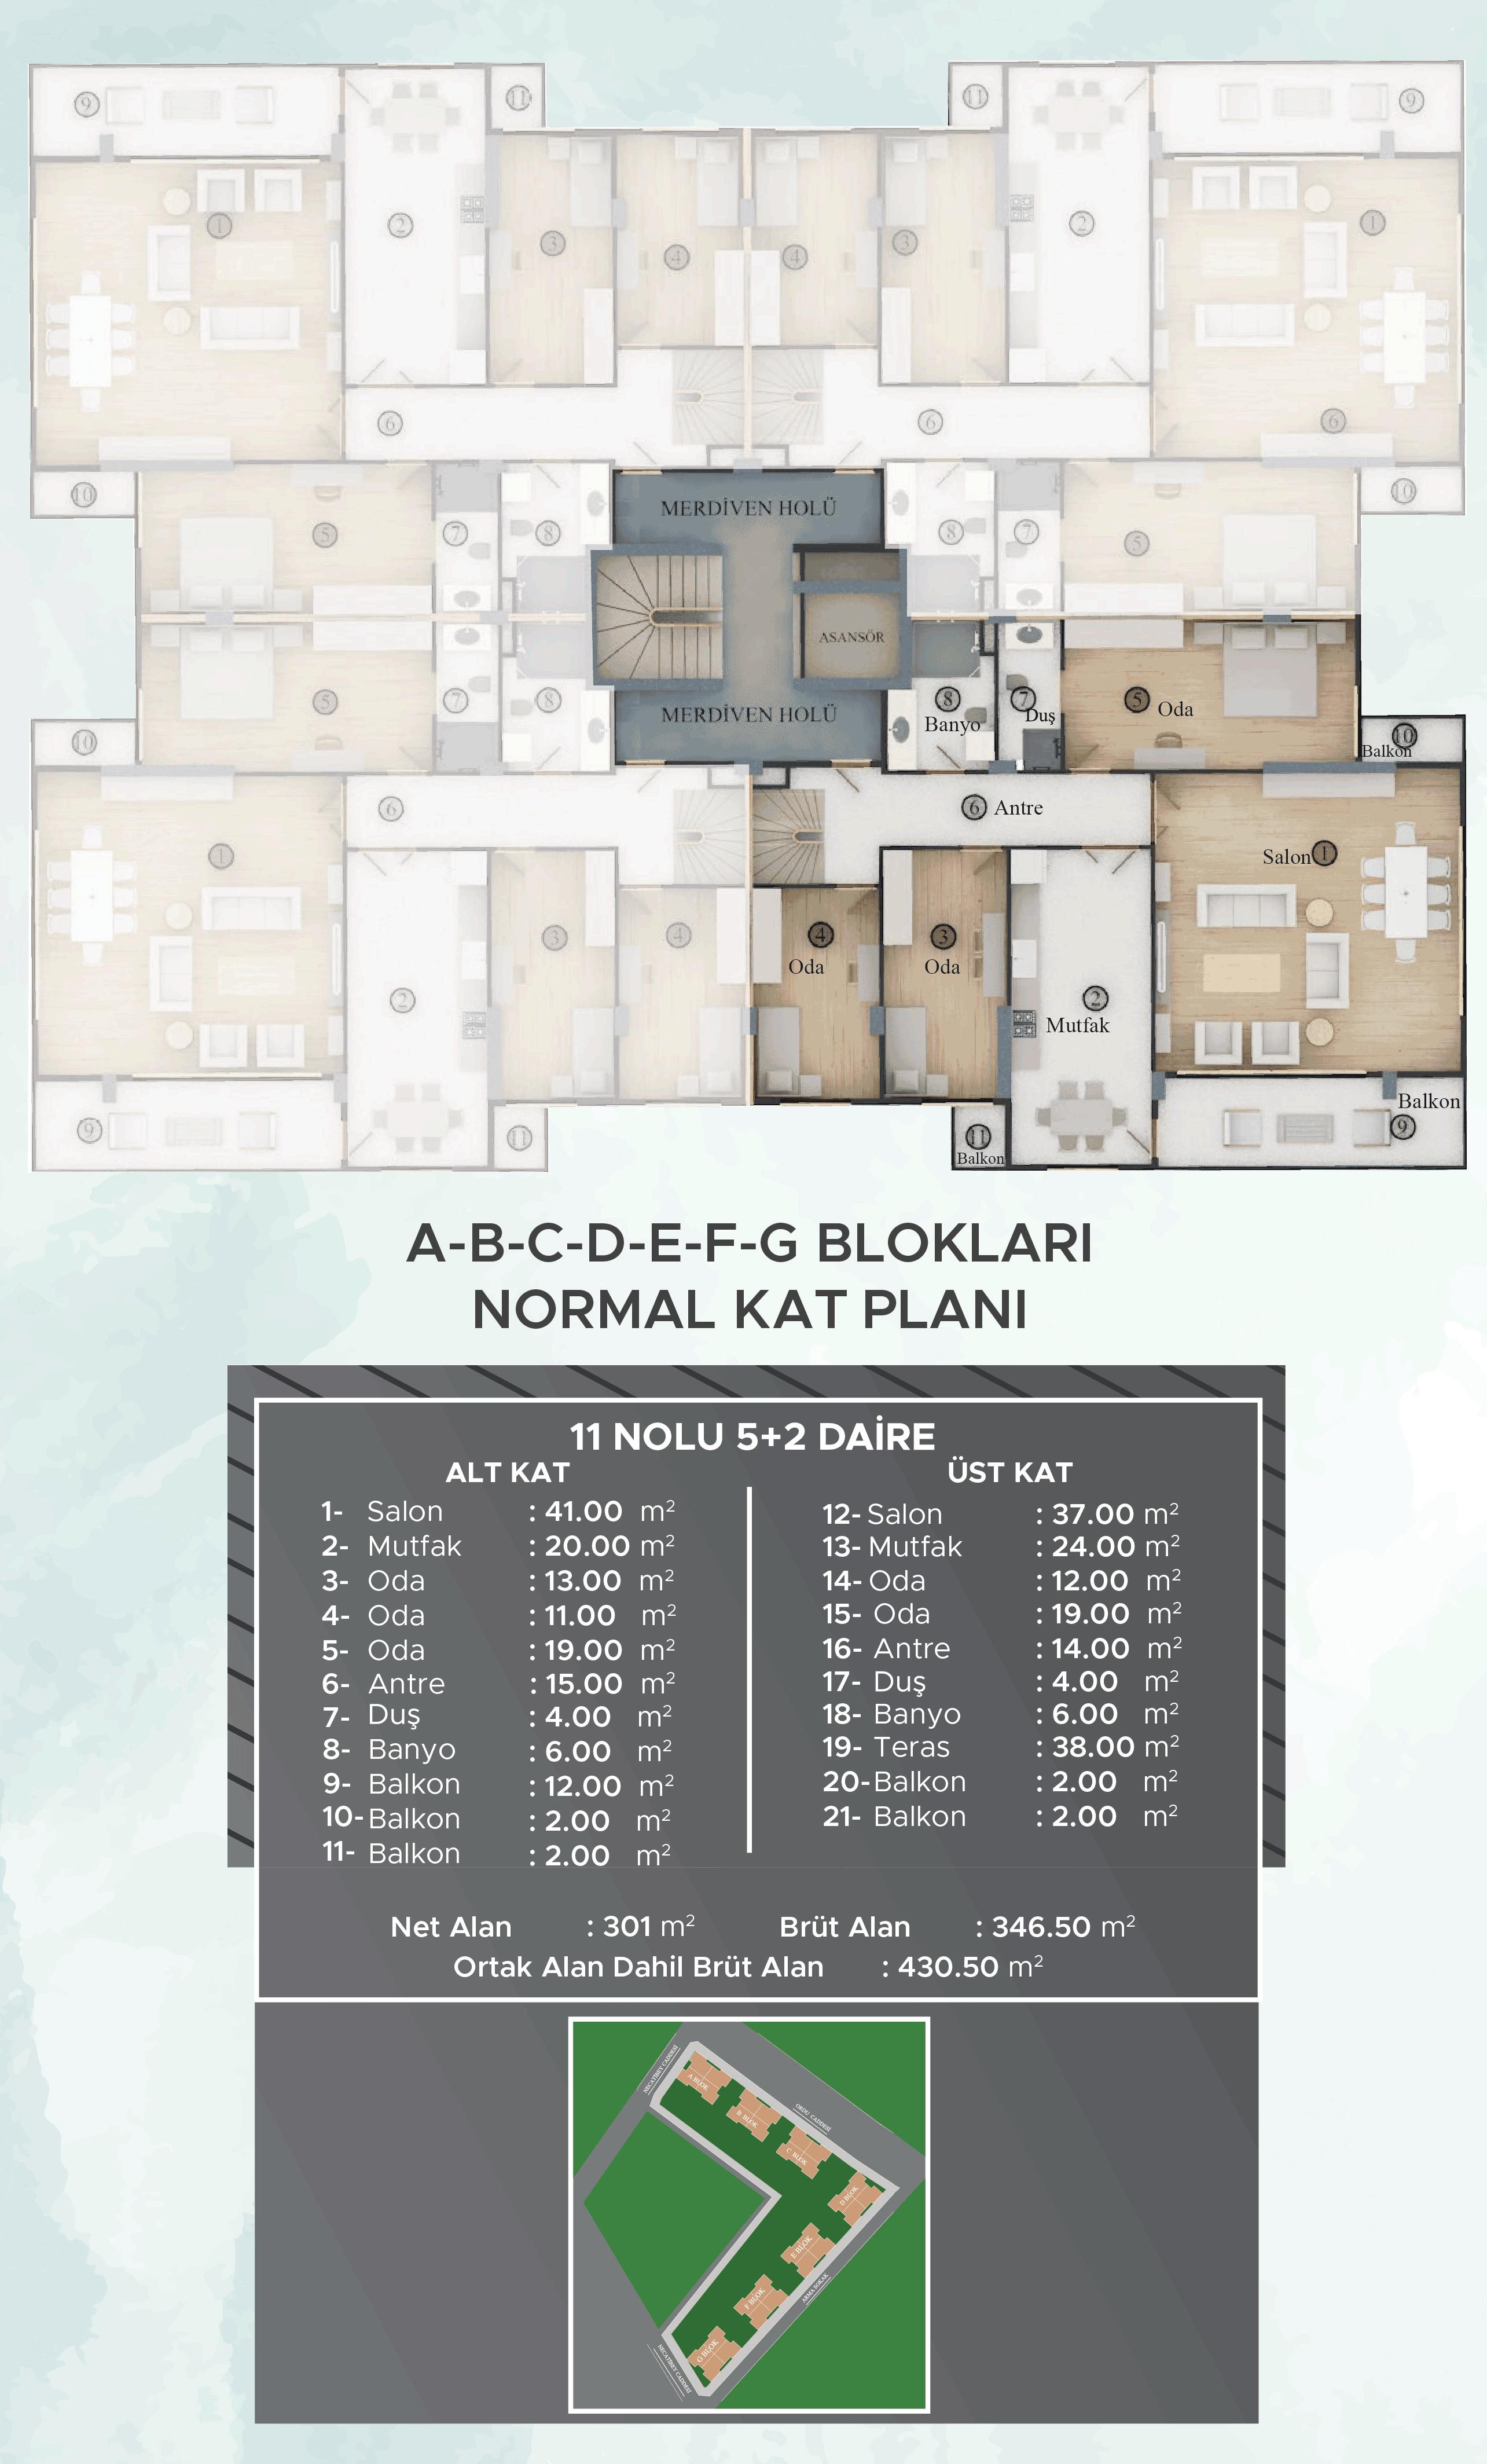 A-B-C-D-E-F-G Blokları Dubleks Normal Kat Planları